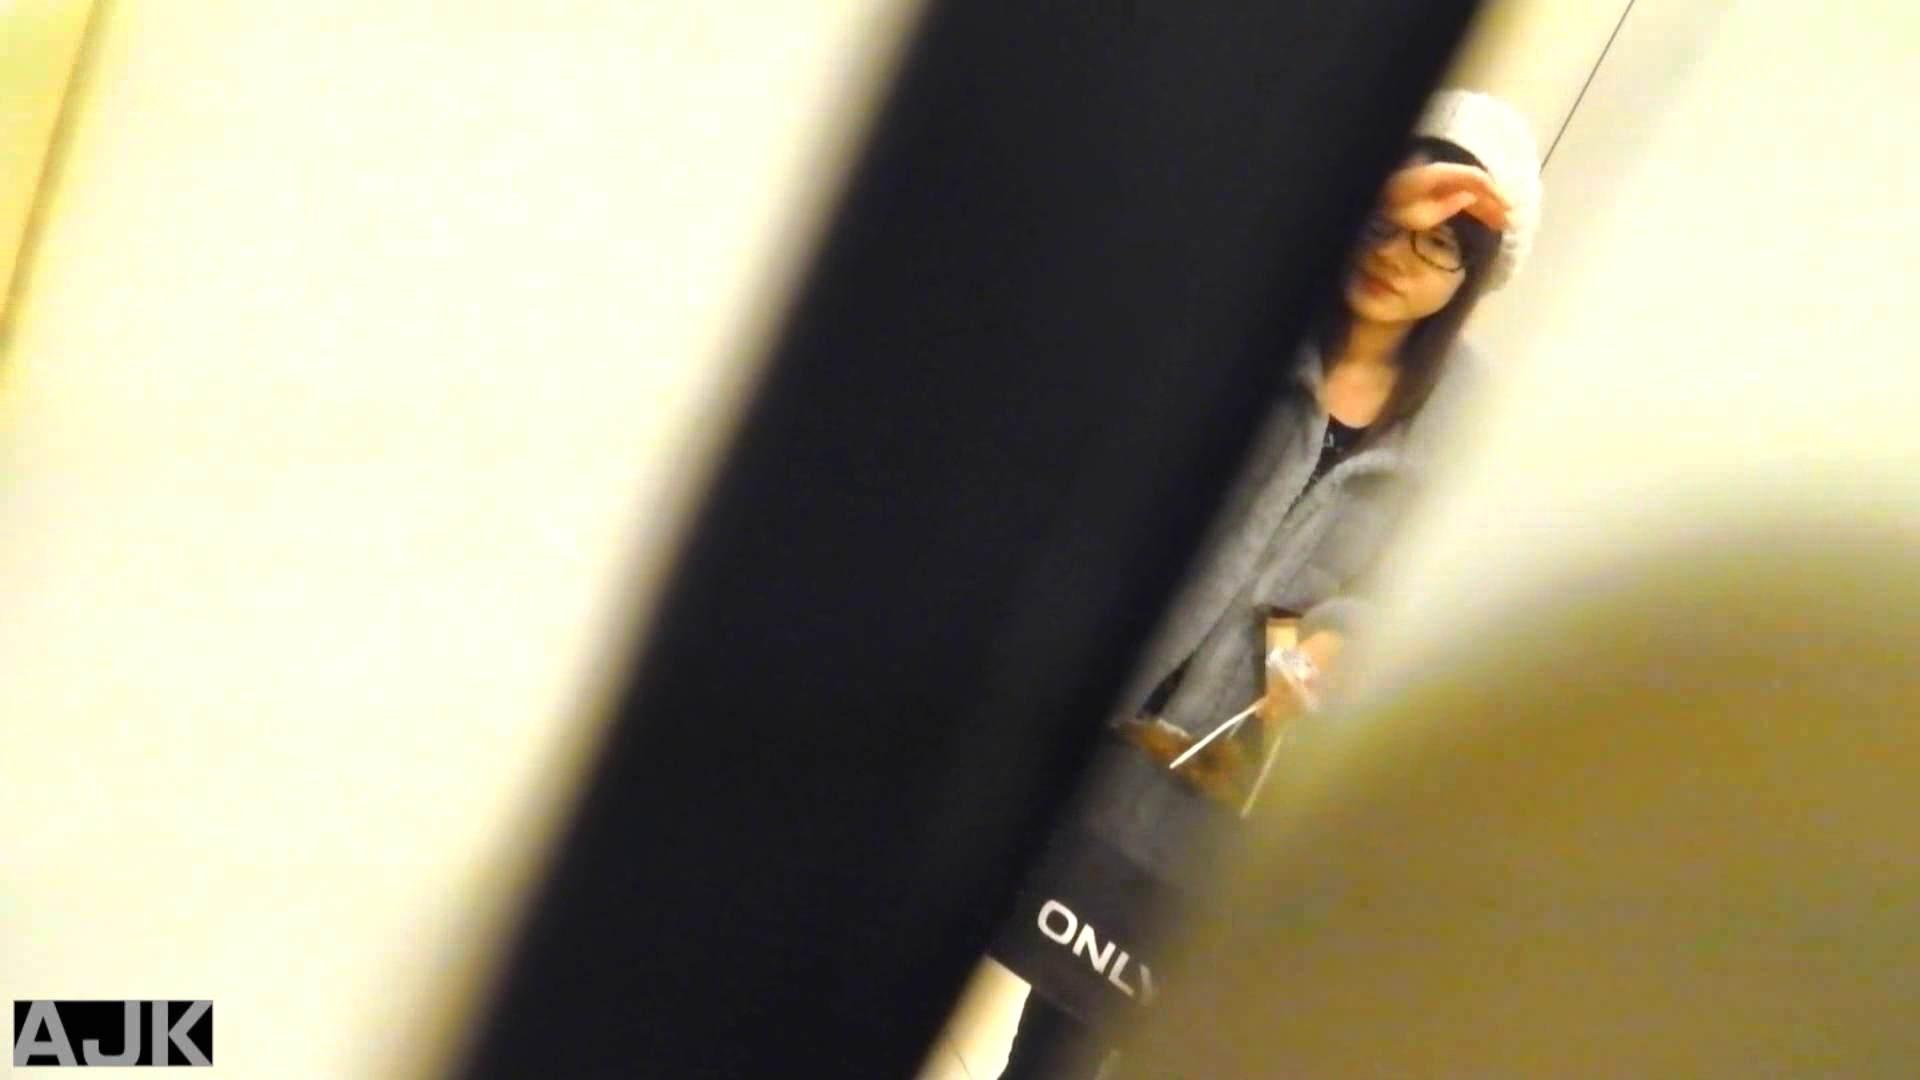 神降臨!史上最強の潜入かわや! vol.02 美女まとめ オマンコ無修正動画無料 90PIX 52